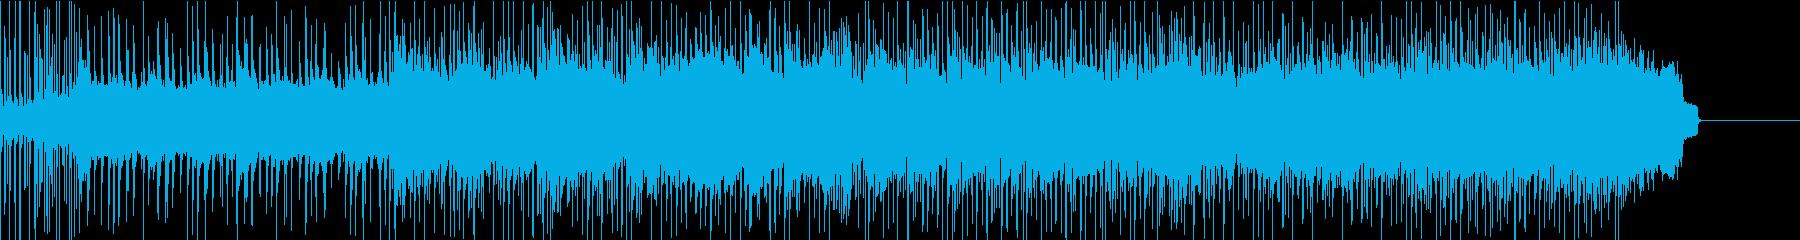 グラマラスなドラムと流れるギターソロの再生済みの波形